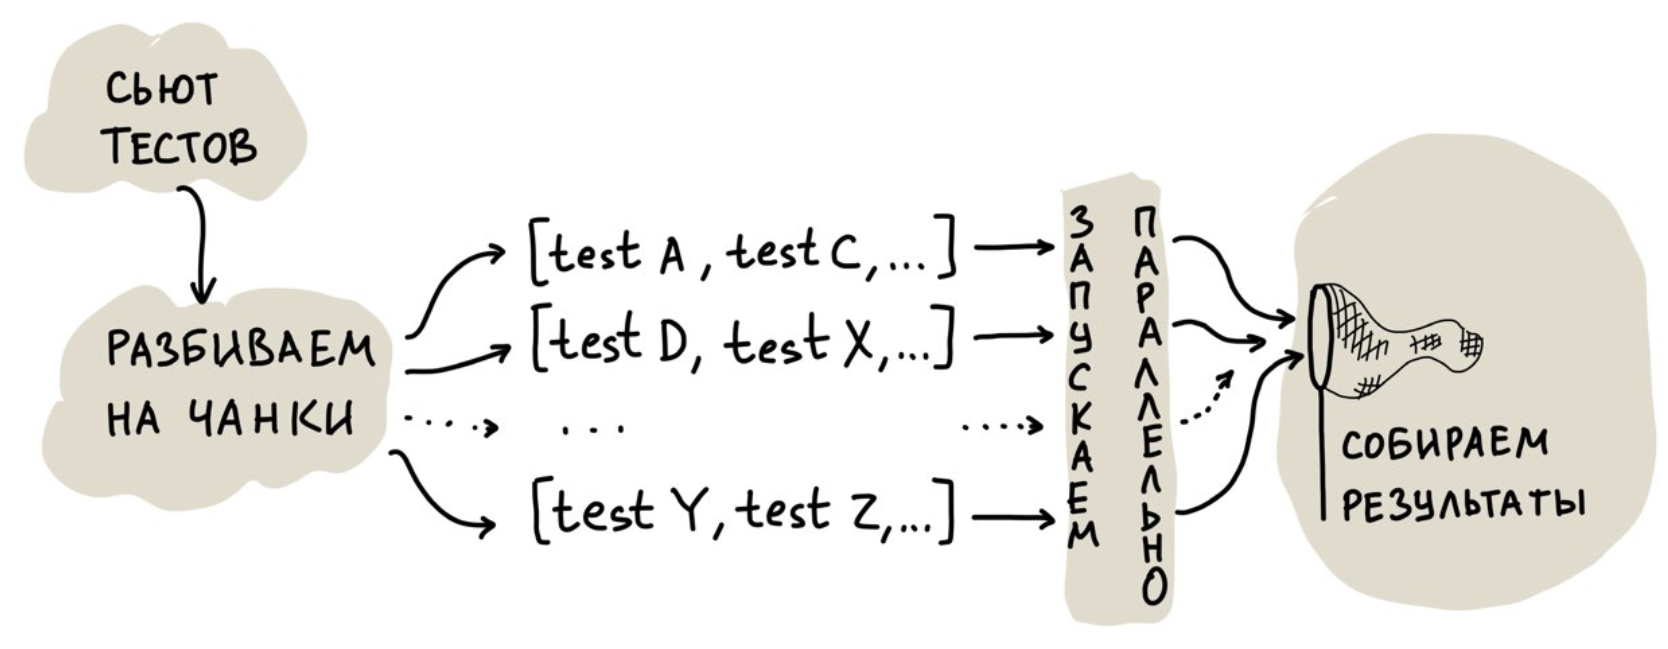 Монолит для сотен версий клиентов: как мы пишем и поддерживаем тесты - 10